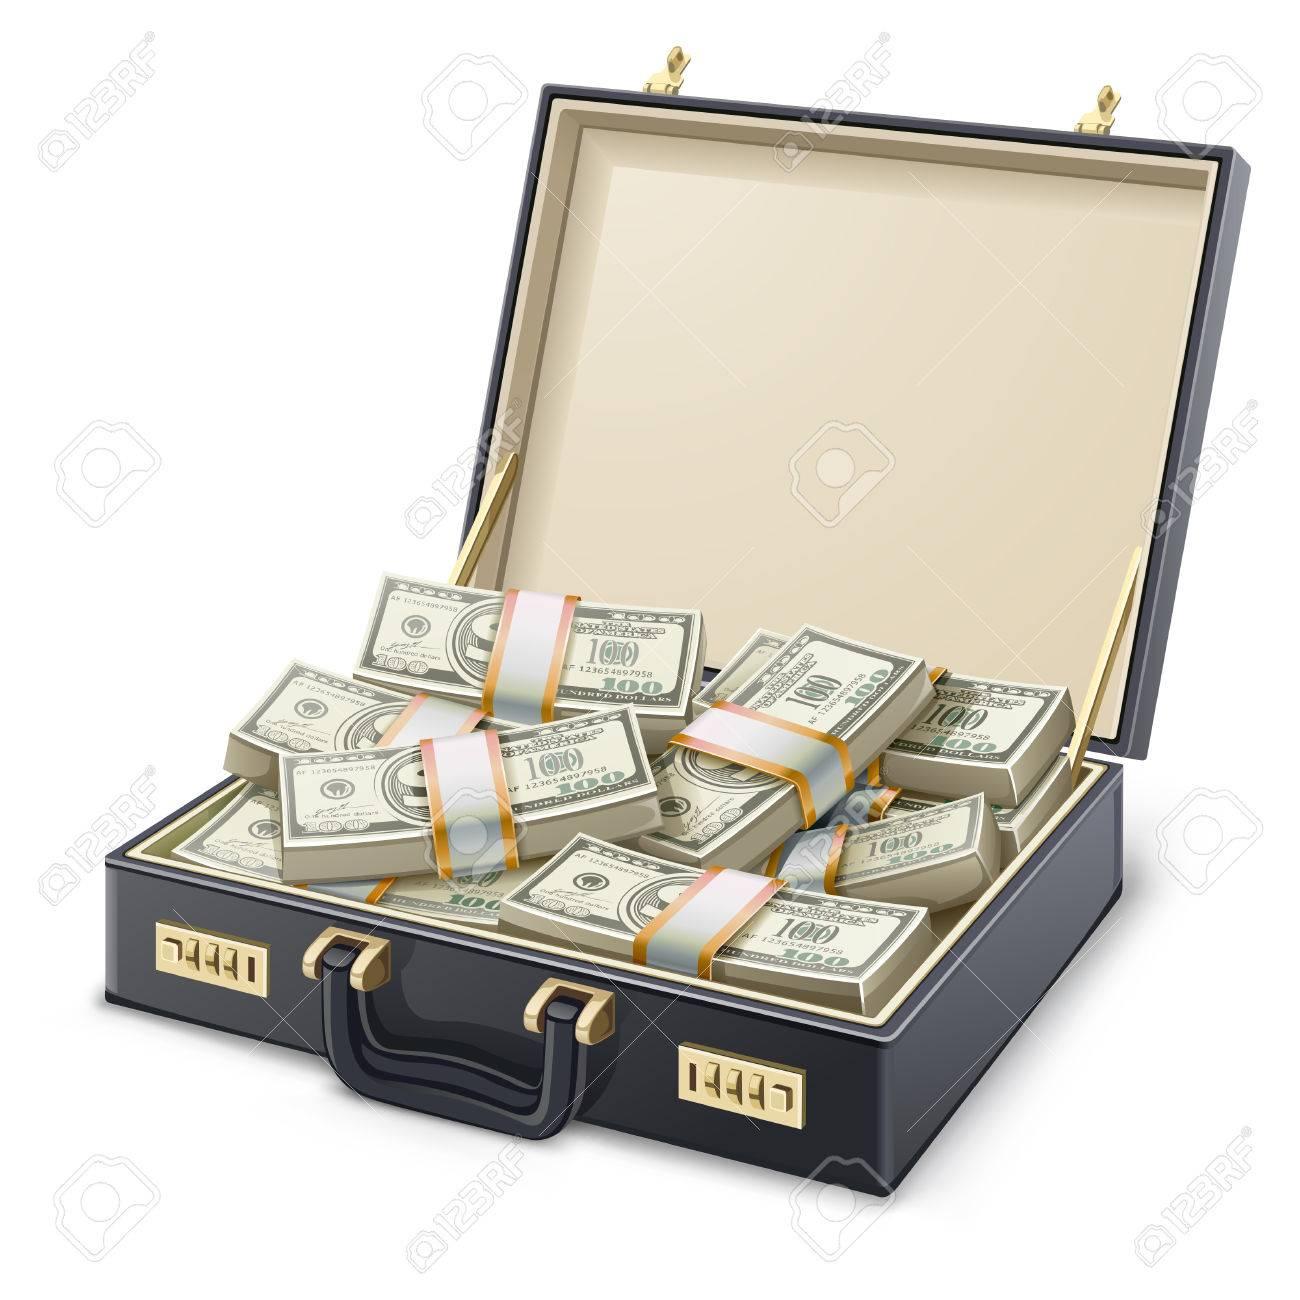 illustration case full of money on white background - 32521244